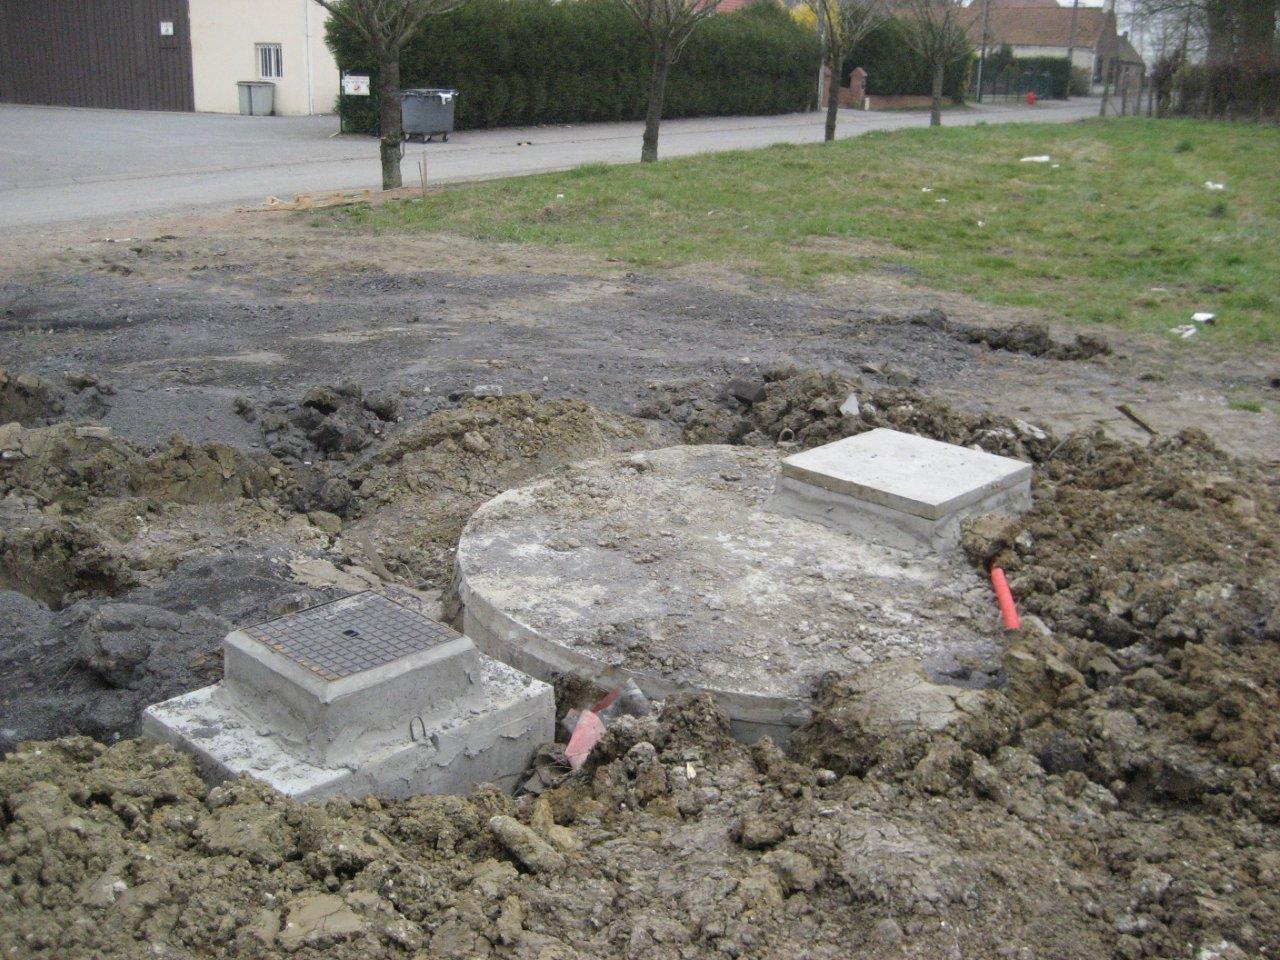 Niveler terrain aplanissons le sol pour niveler le - Comment niveler un terrain ...